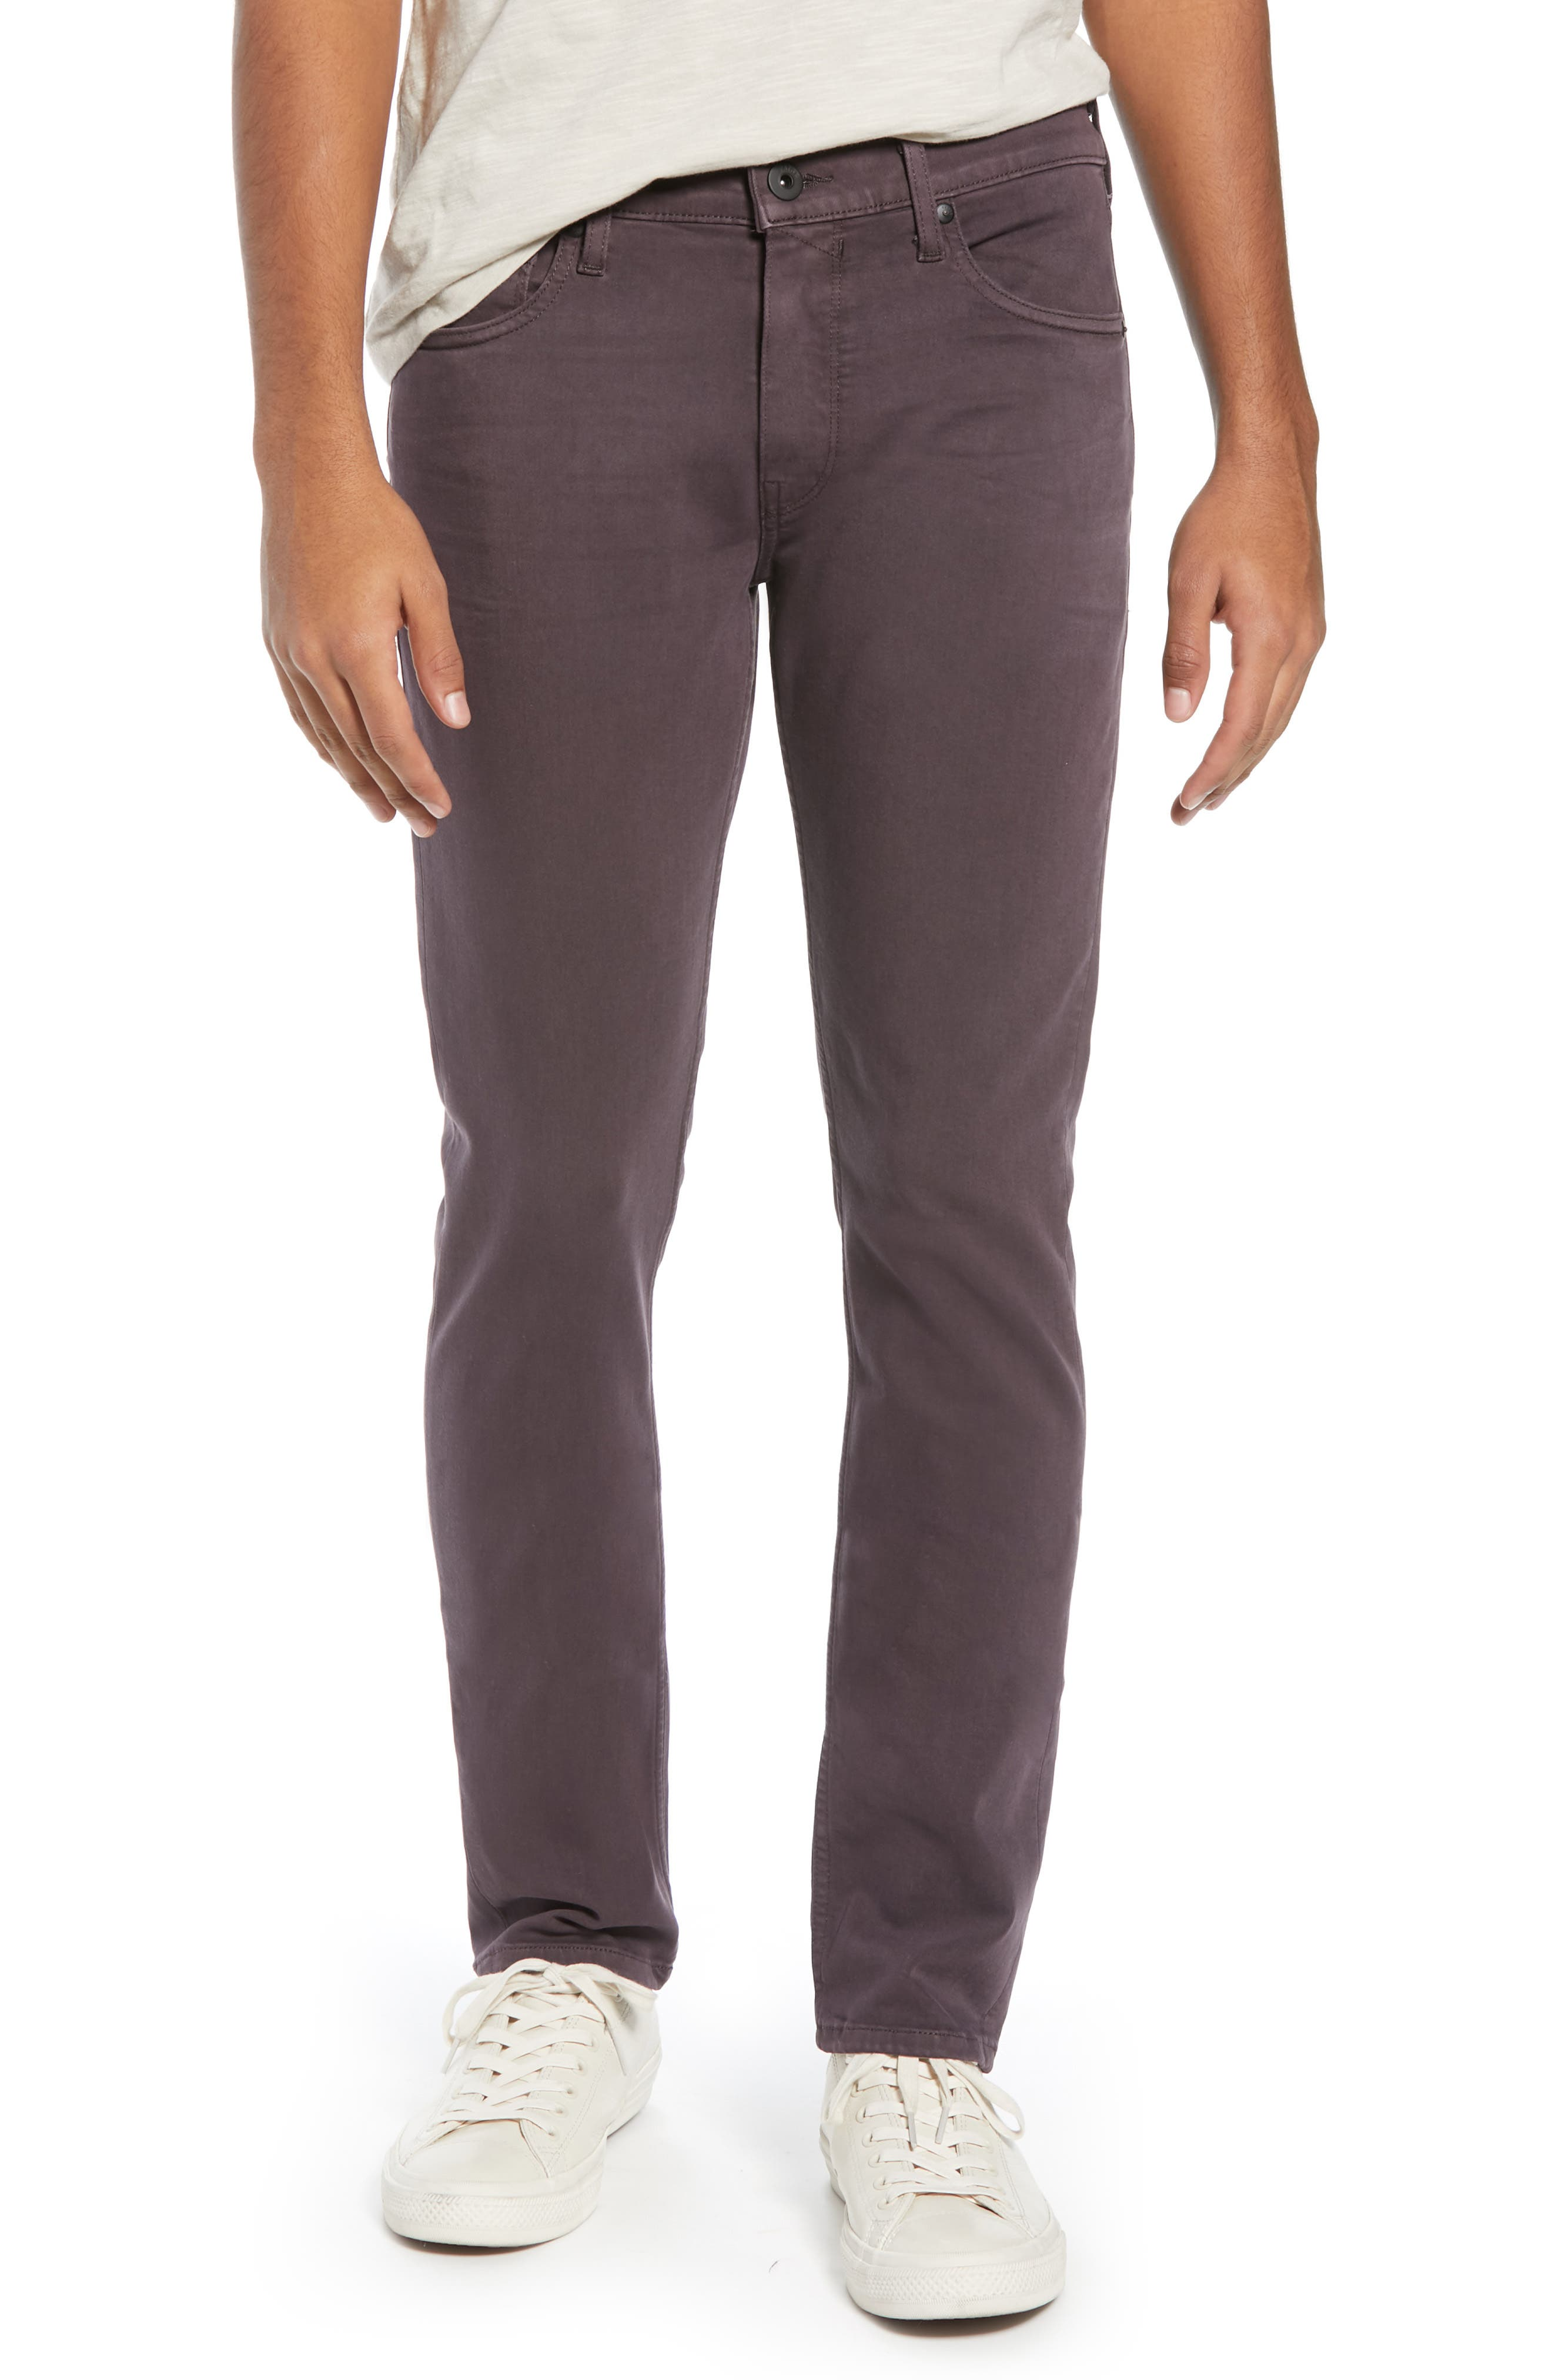 Transcend - Lennox Slim Fit Jeans,                             Main thumbnail 1, color,                             VINTAGE PLUM WINE